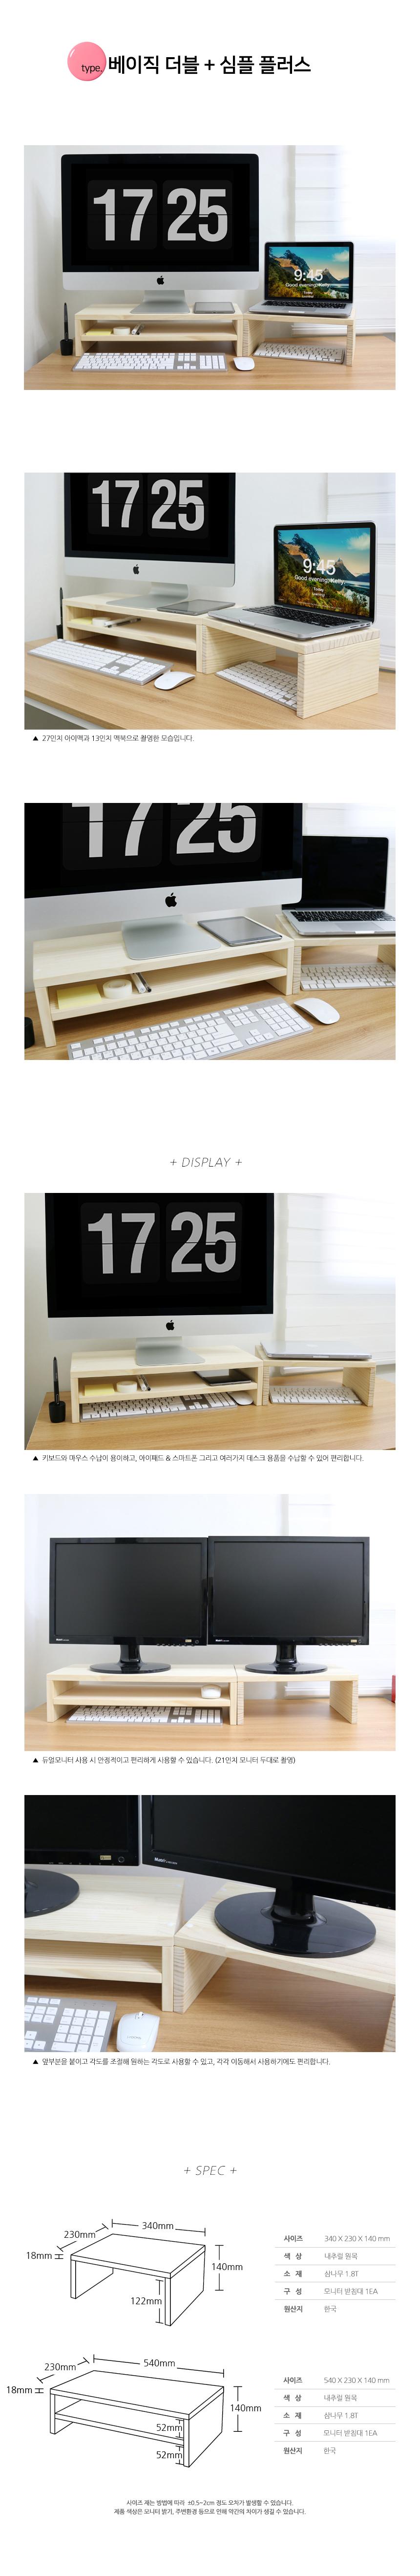 소이믹스 원목 듀얼 모니터 받침대 SO-WD15 - 소이믹스, 42,000원, 모니터 용품, 모니터 받침대